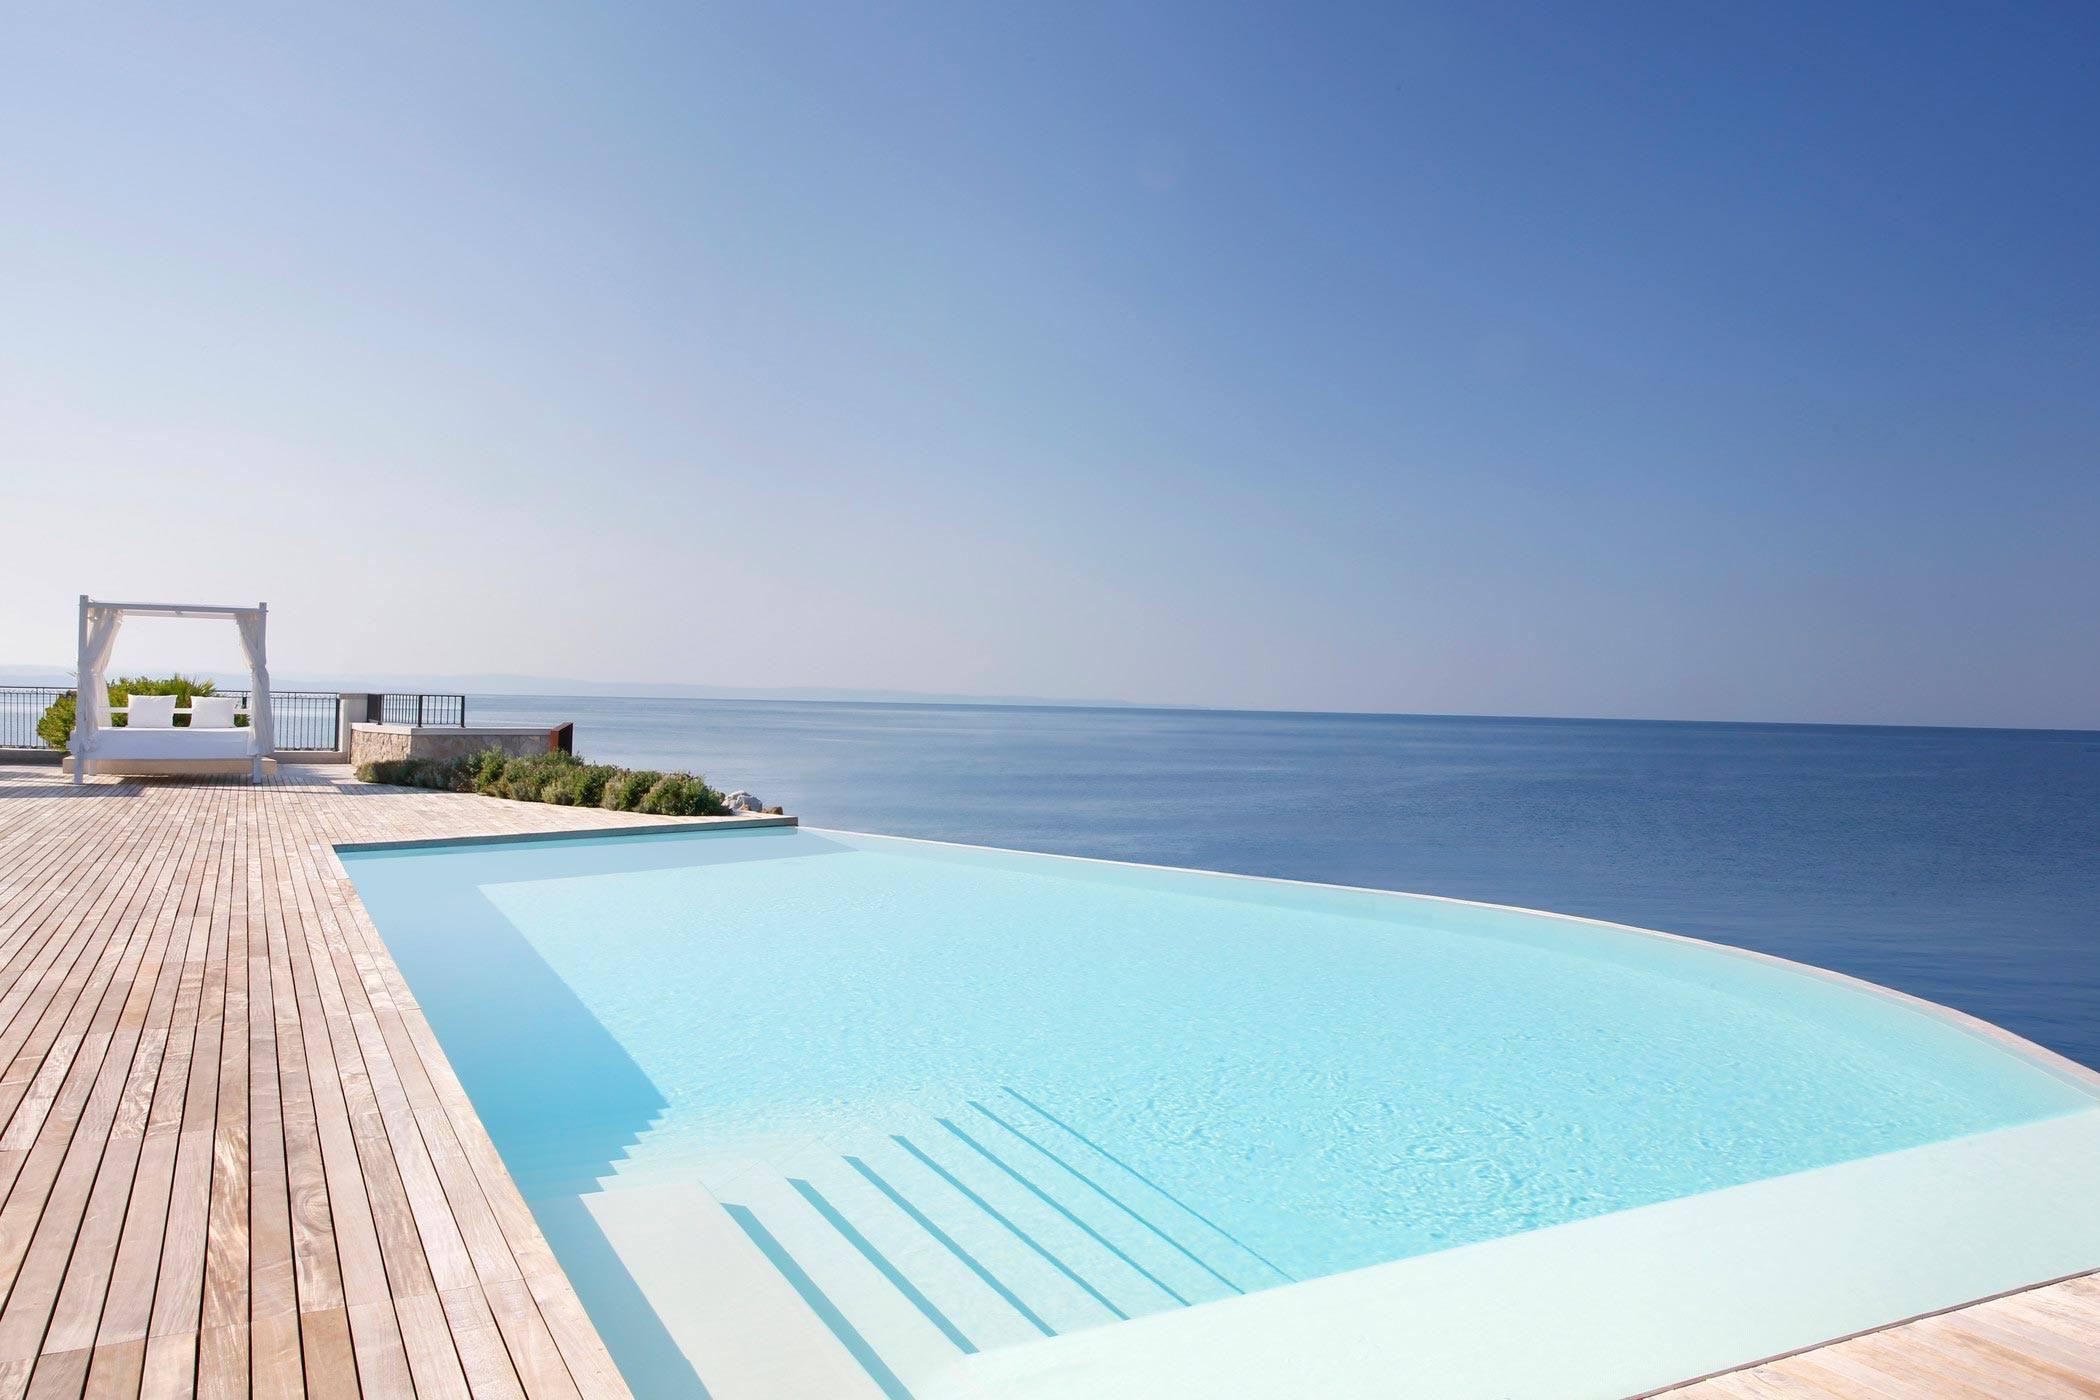 blue pool during daytime